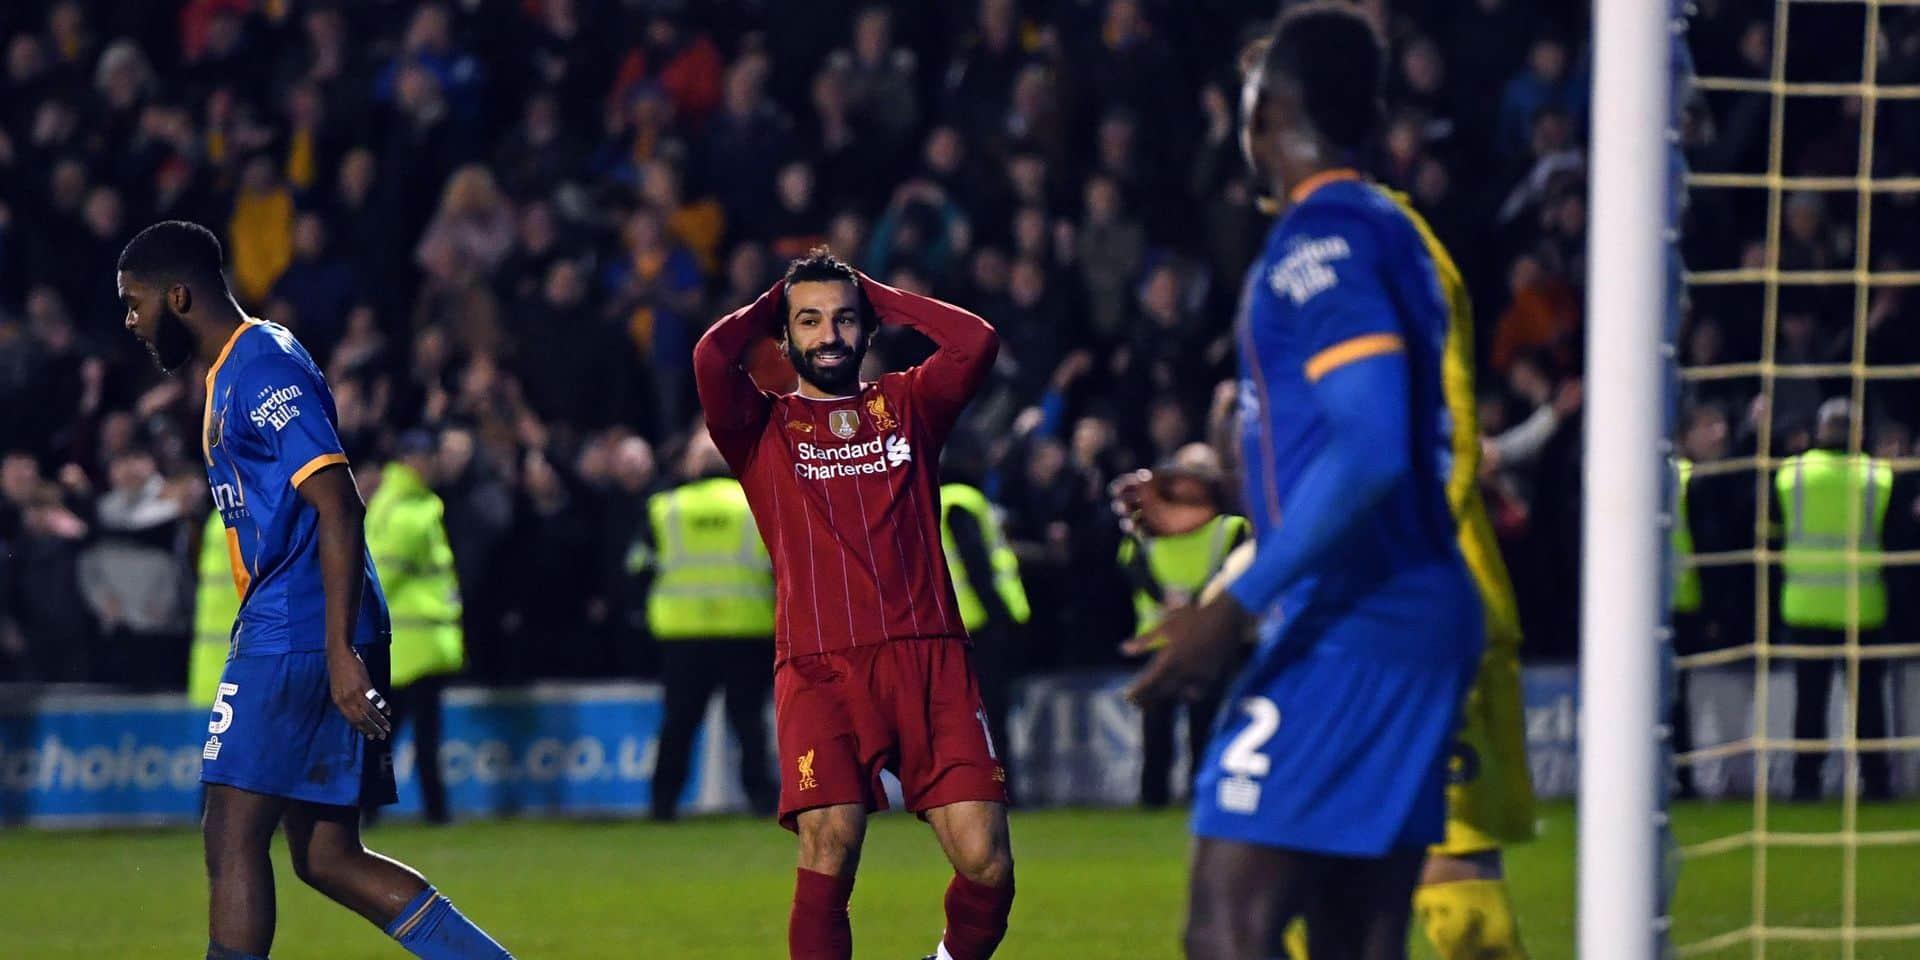 Mohamed Salah remplace Joel Matip et... lui fait une passe!